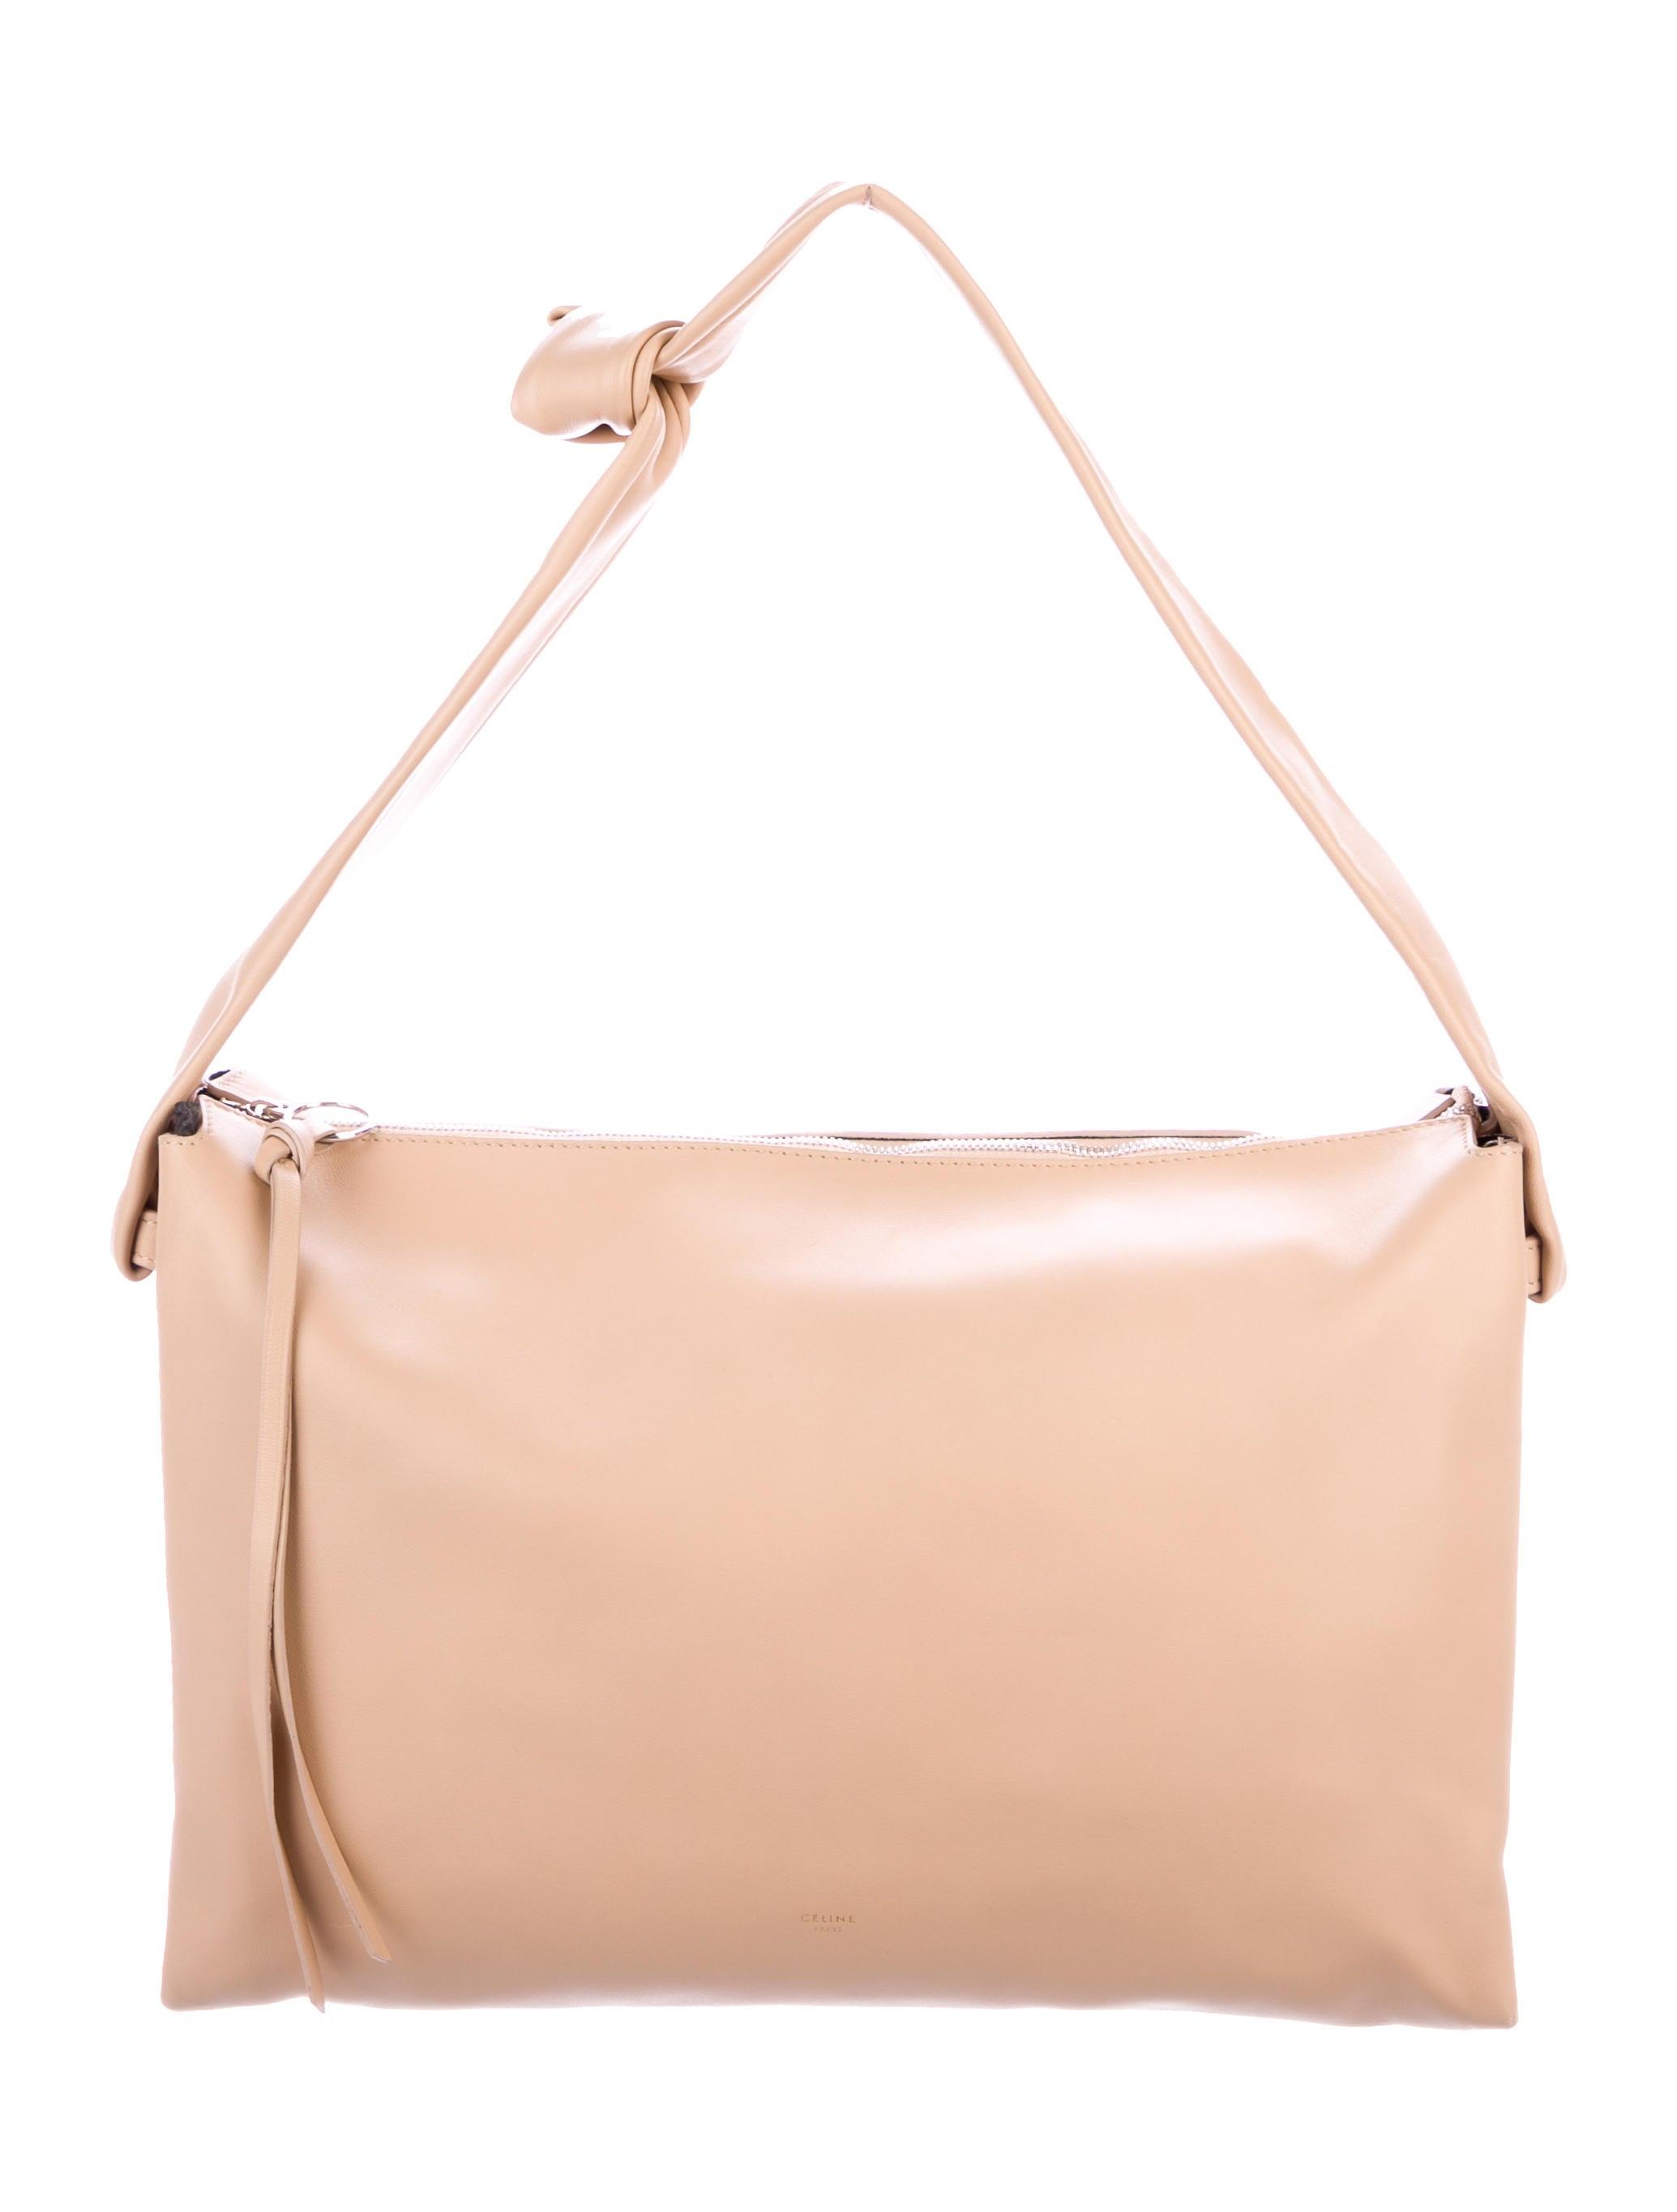 724643cfb773 Shoulder Céline Shoulder Bag Shoulder Knotted Bag Knotted Céline Céline  Knotted Bag qx0EwHxf ...